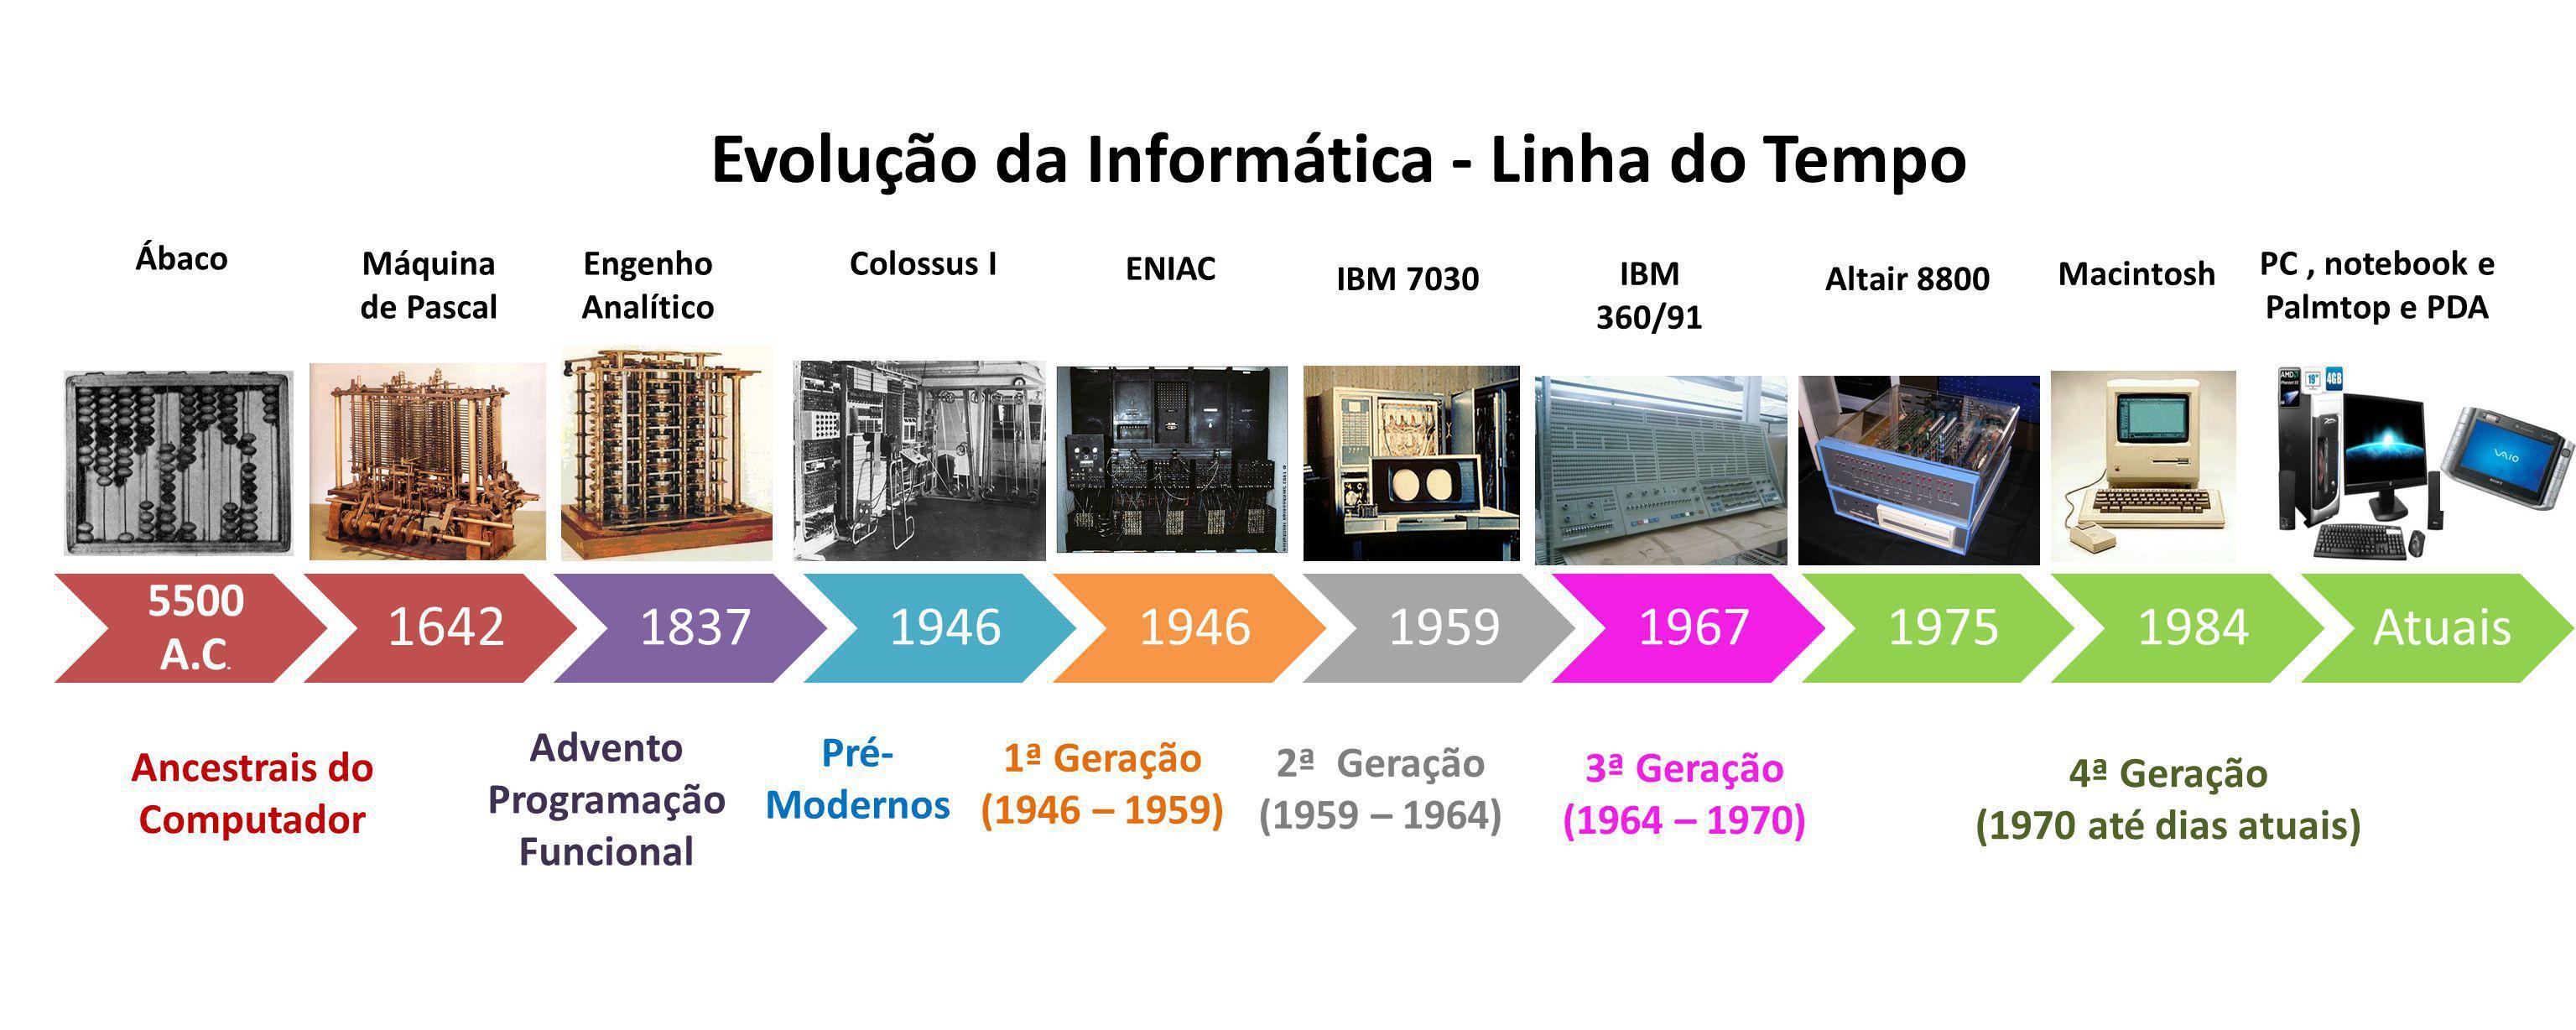 5500 A.C. 1642 18371946 1959196719751984Atuais Ancestrais do Computador Advento Programação Funcional Pré- Modernos 1ª Geração (1946 – 1959) 2ª Geraçã